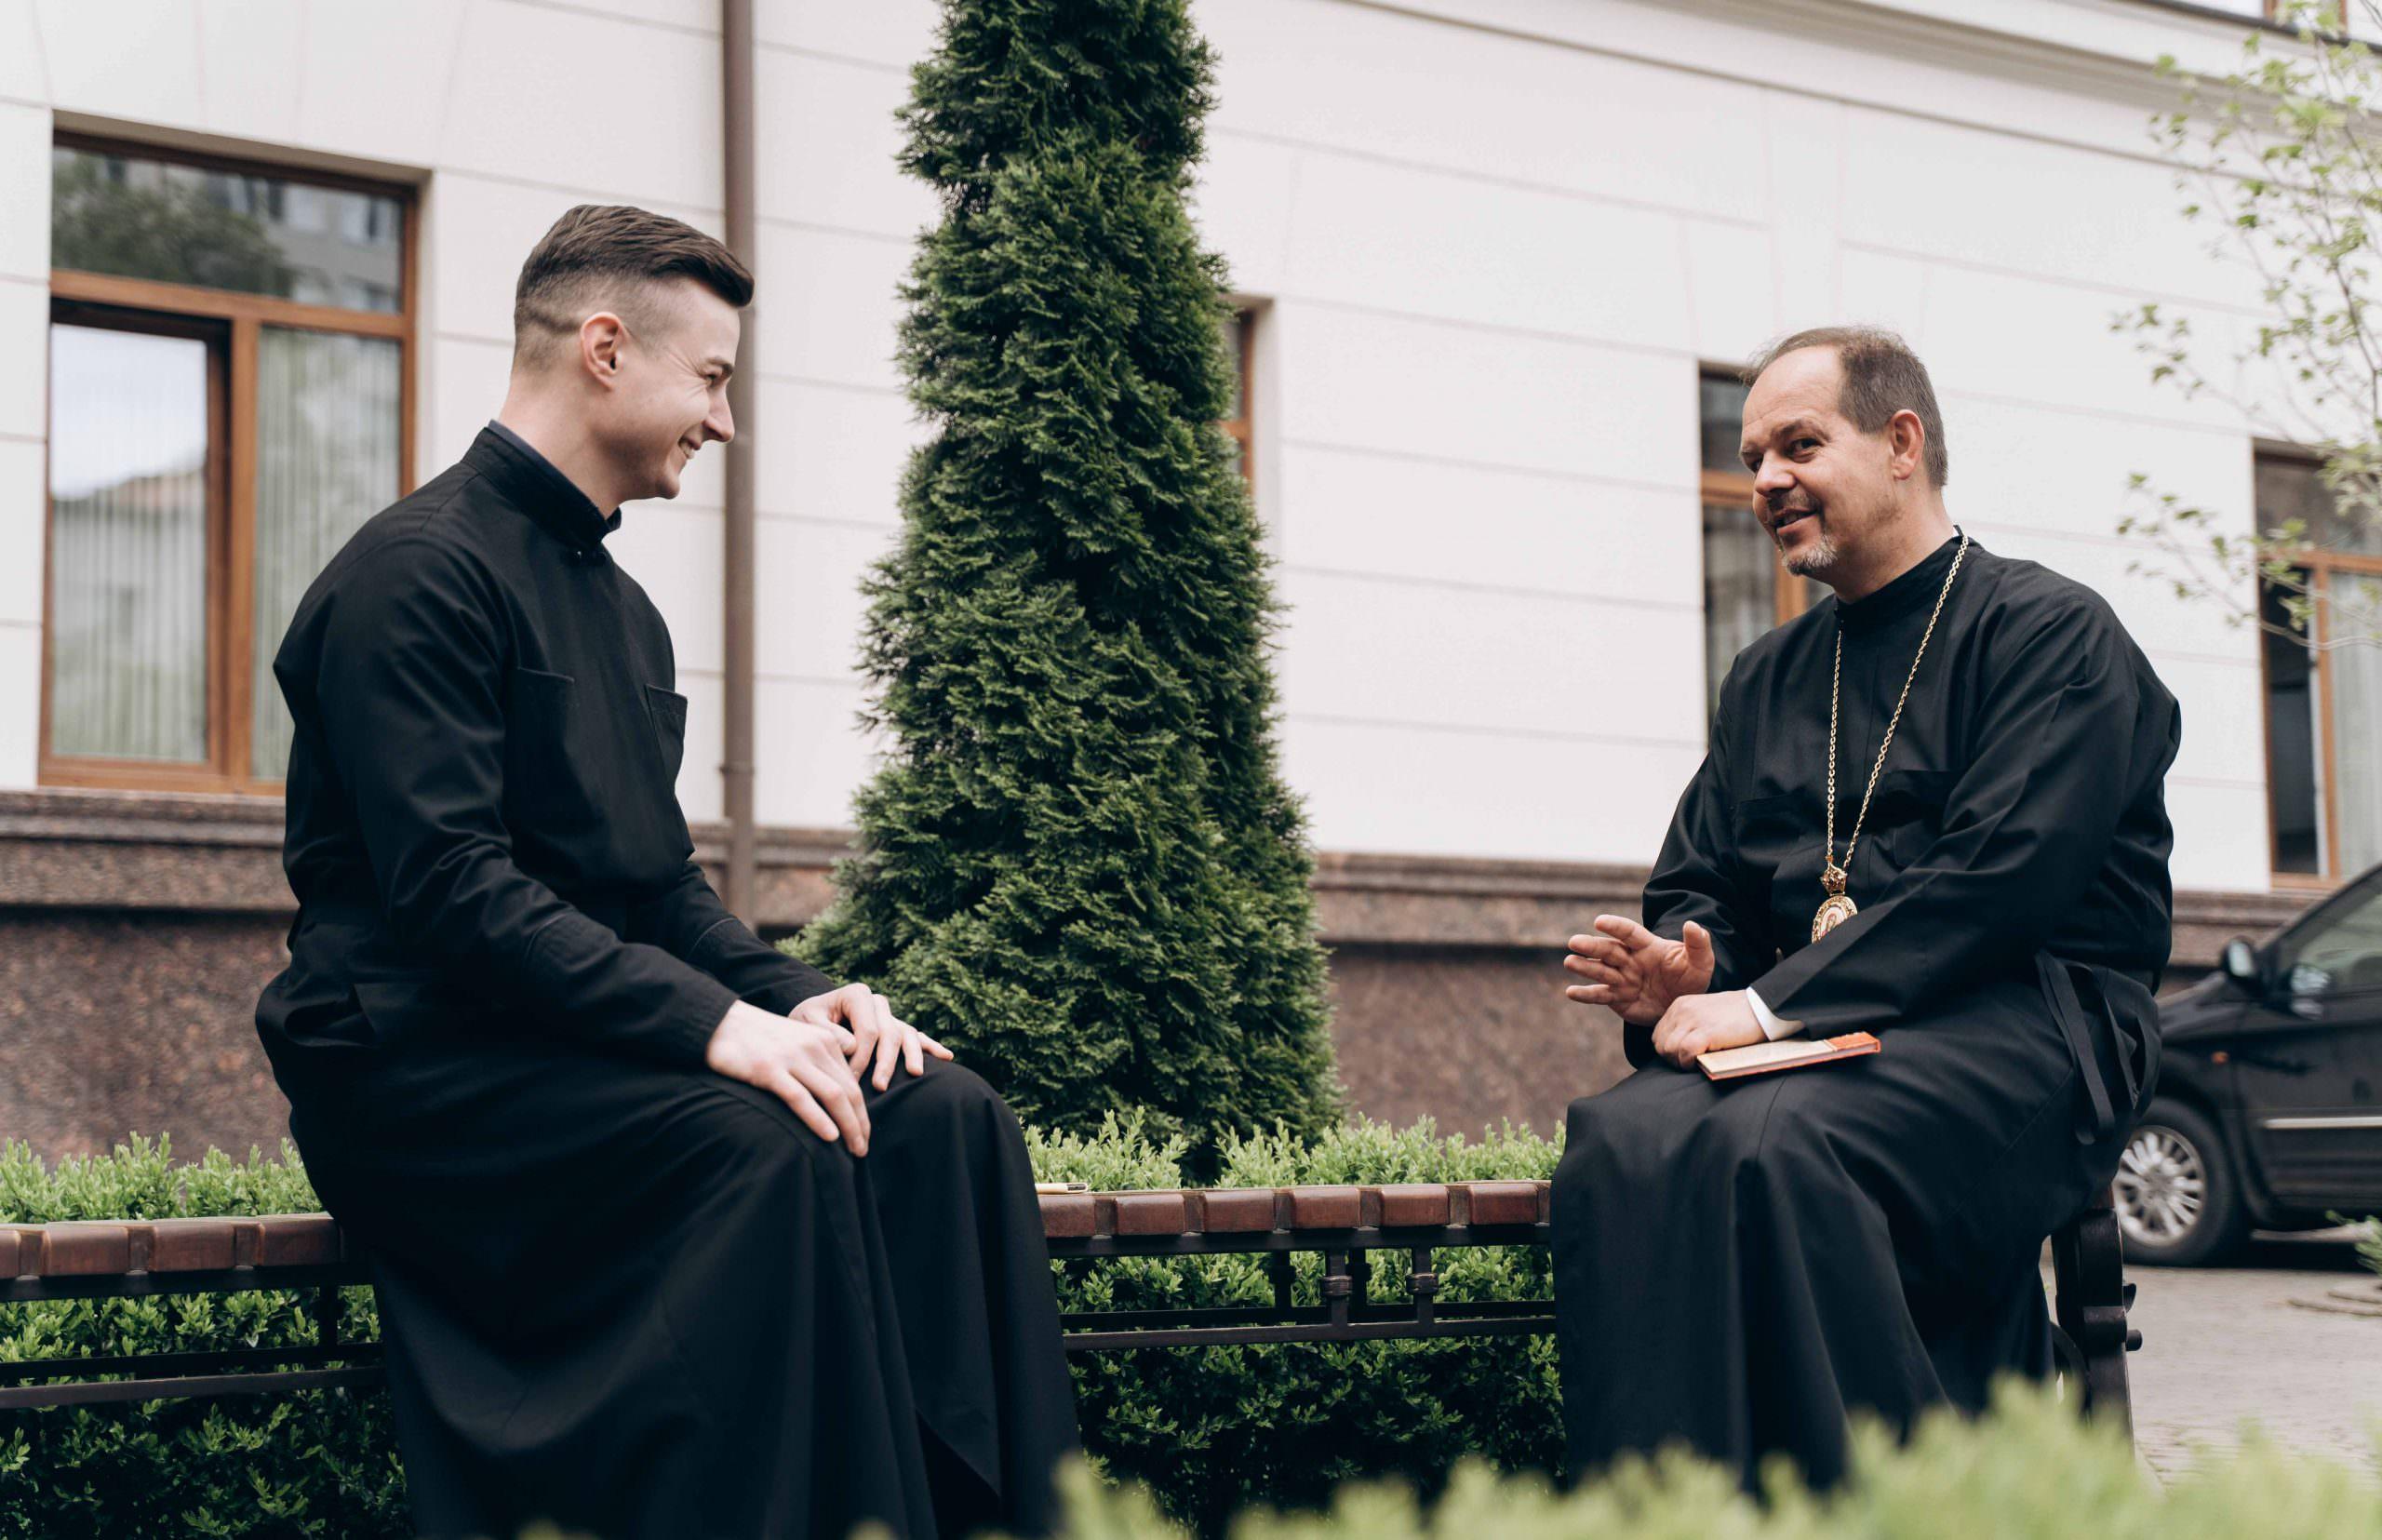 «Сучасні семінаристи є більш чутливі до проблем людей», – вл. Богдан Данило, єпископ Пармський